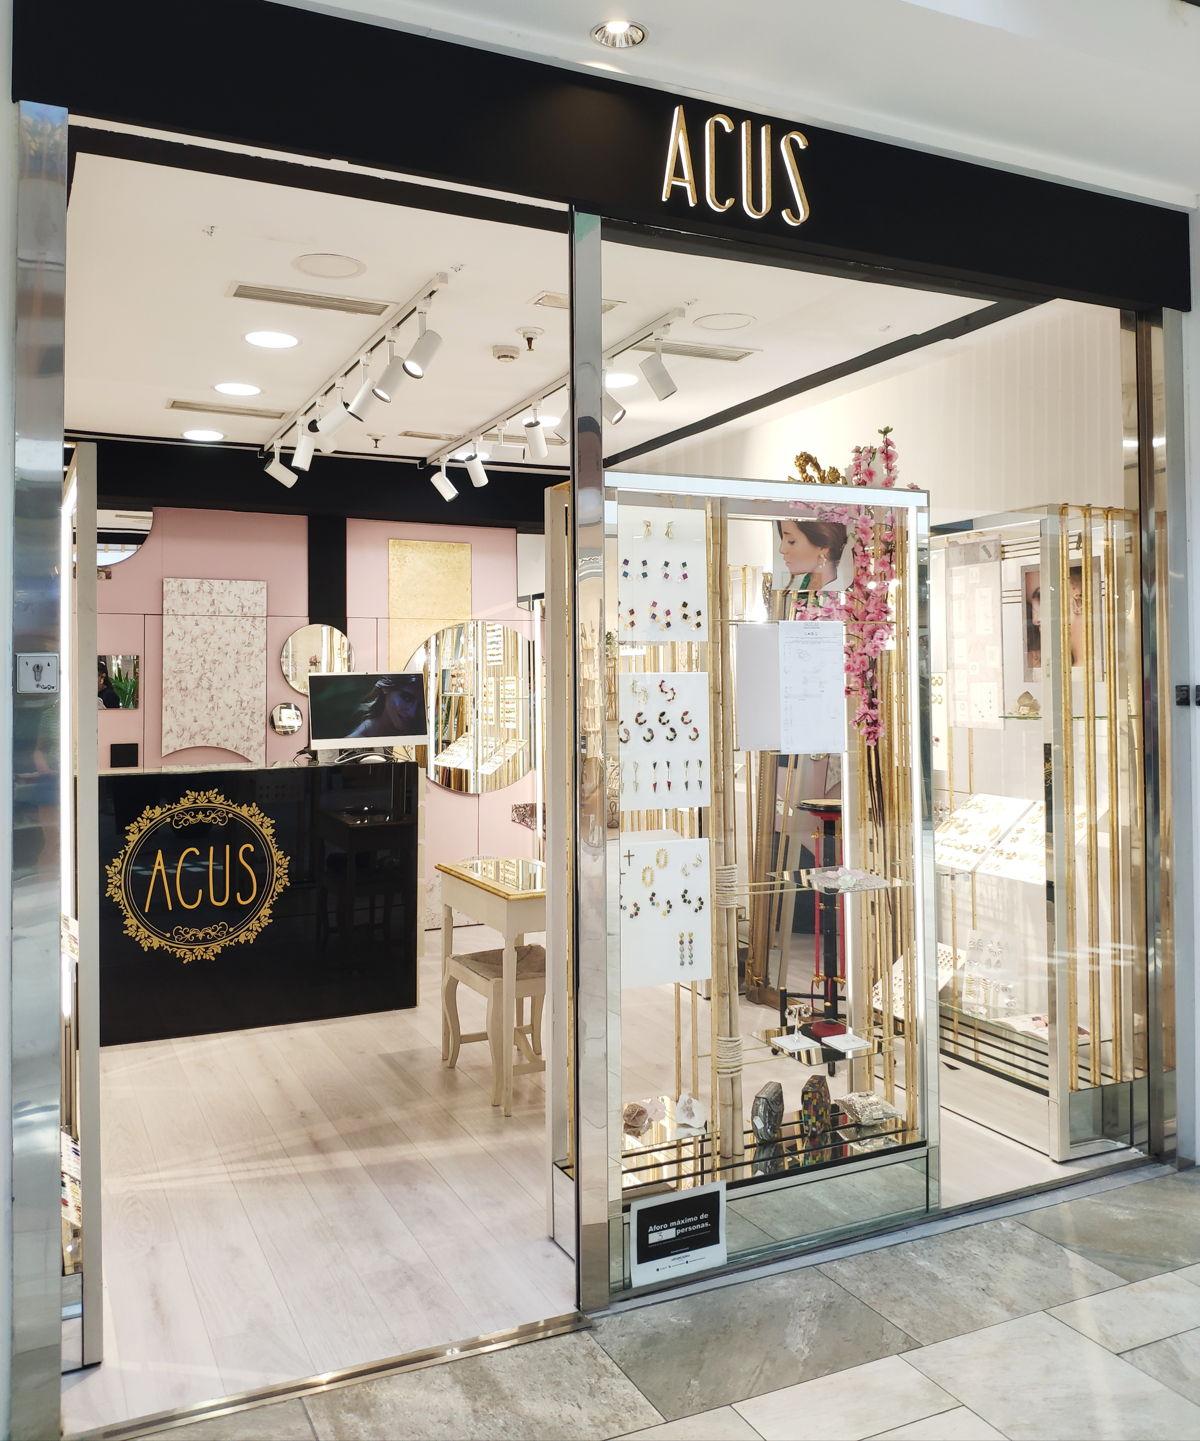 Nueva tienda ACUS Madrid Centro Comercial Arturo Soria Plaza 3